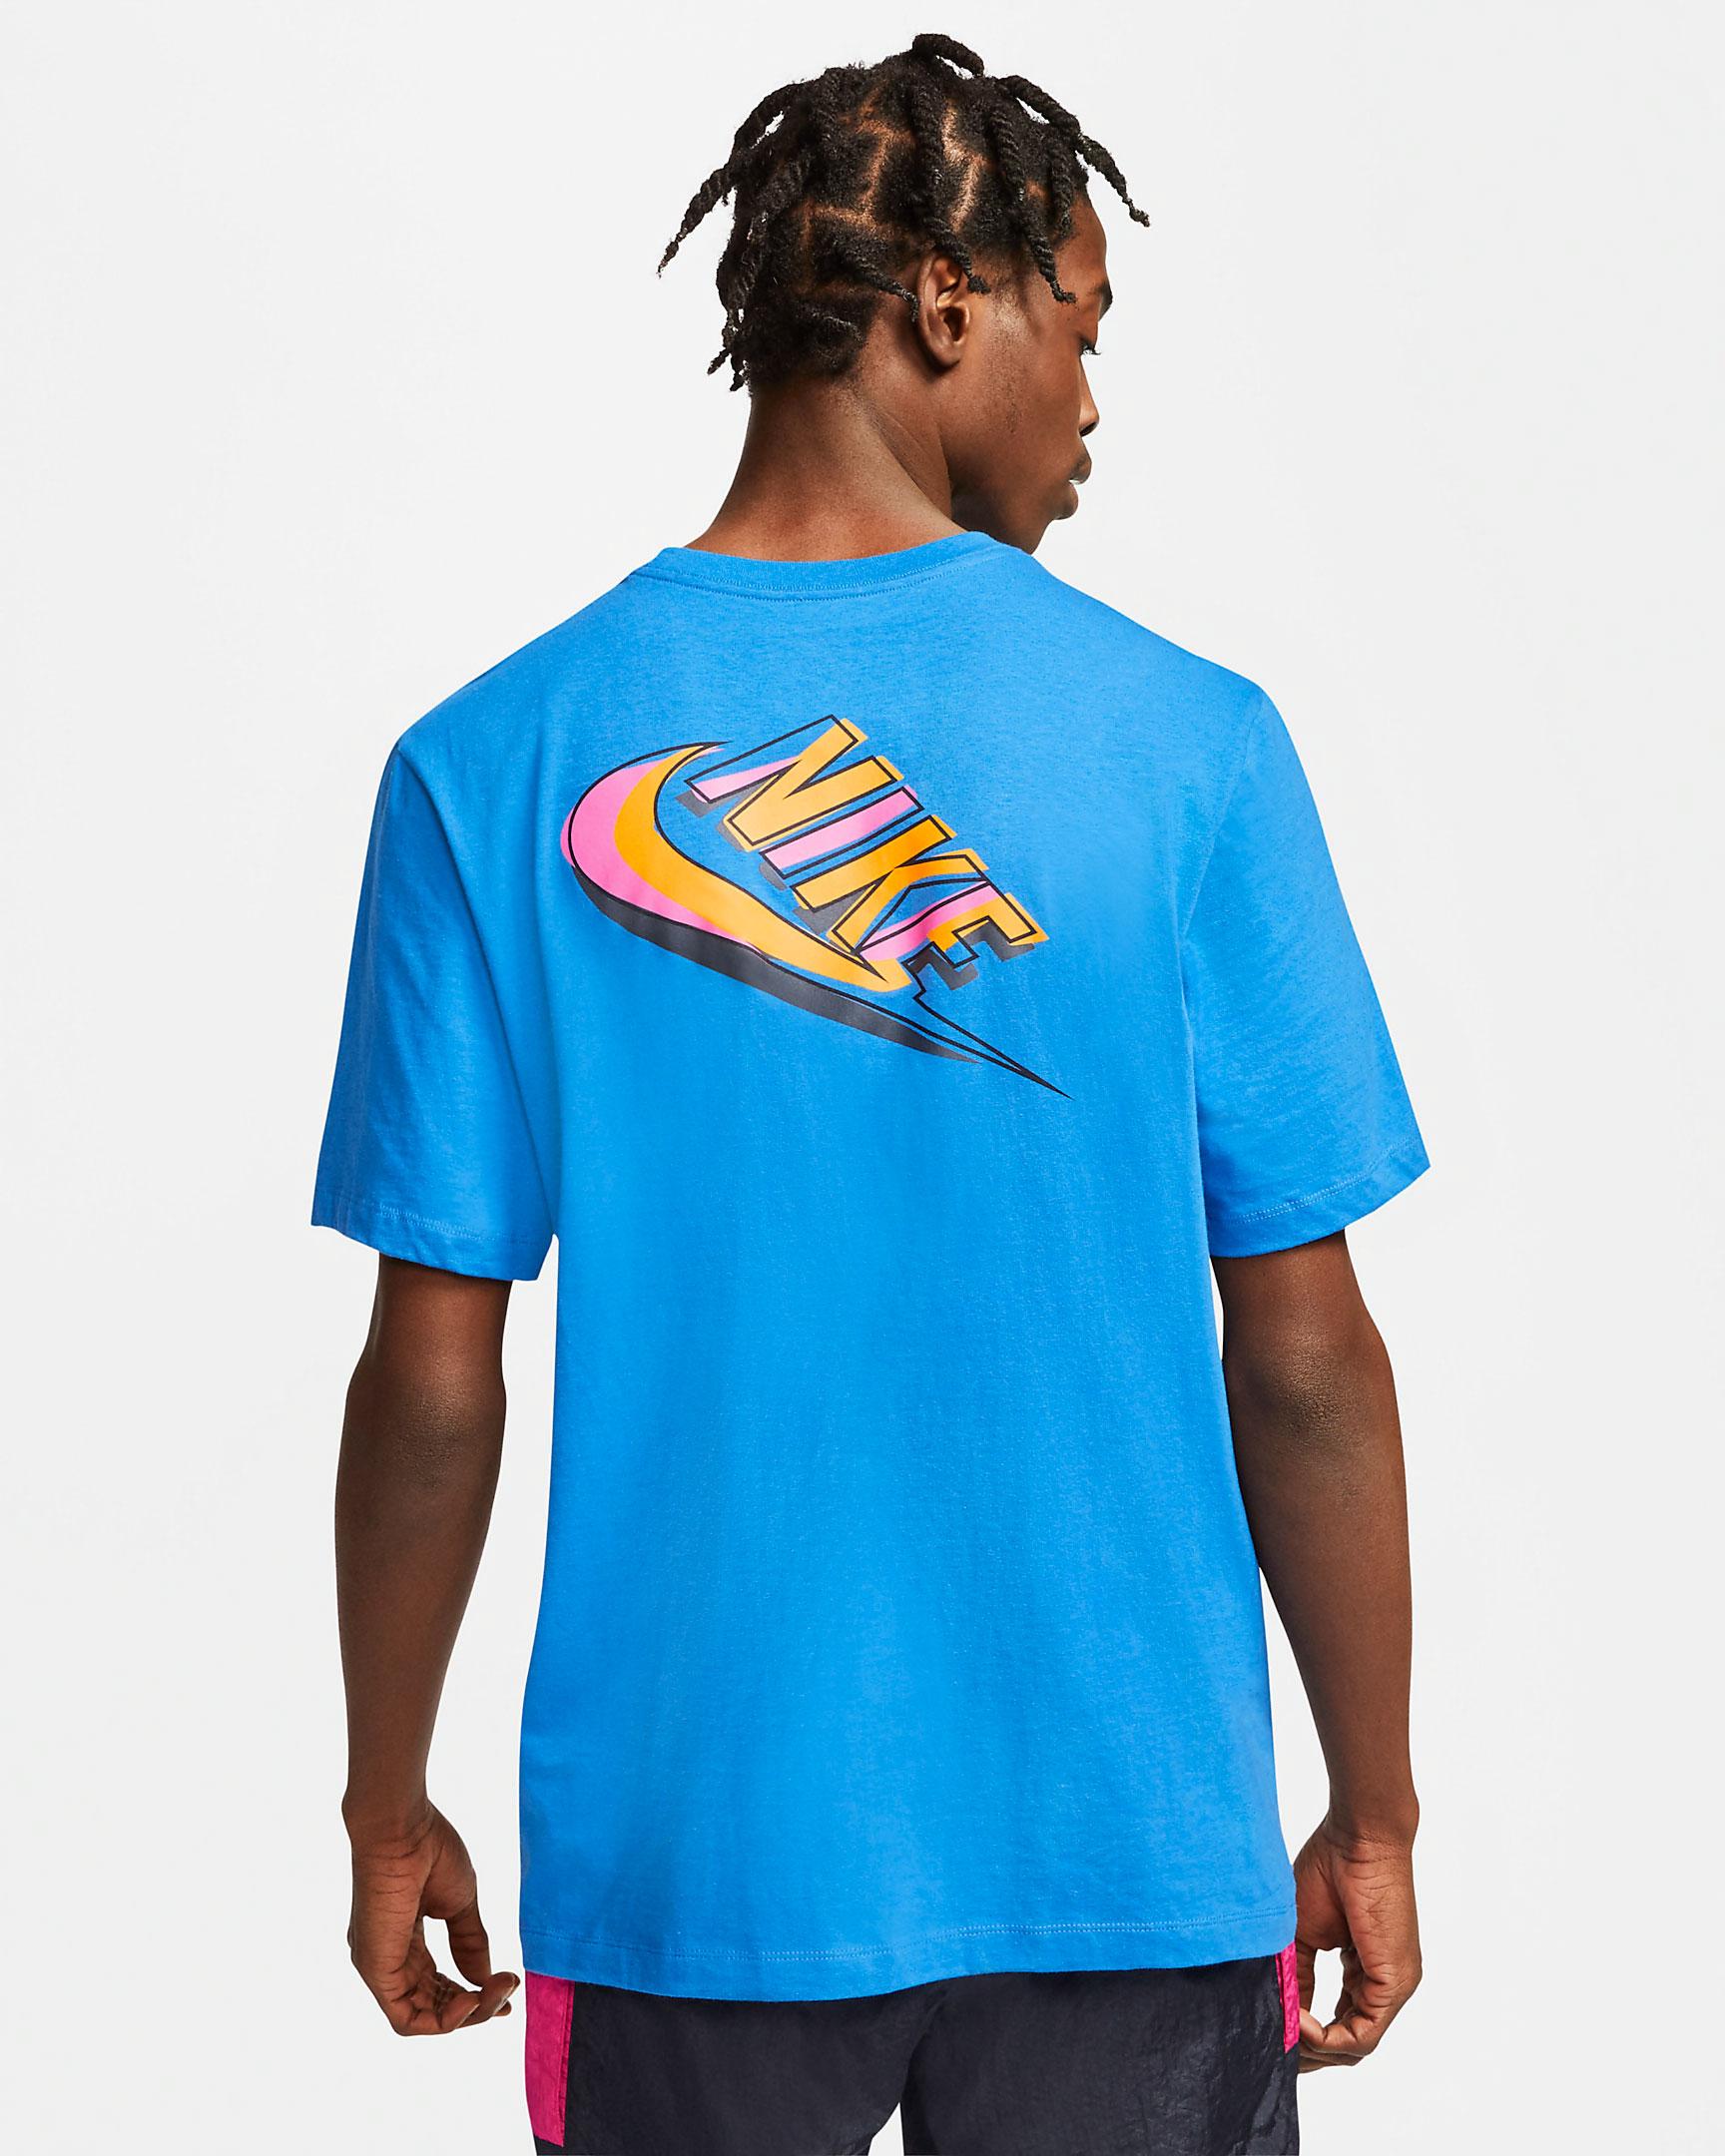 Nike Air Force 1 Orange Trance Shirt